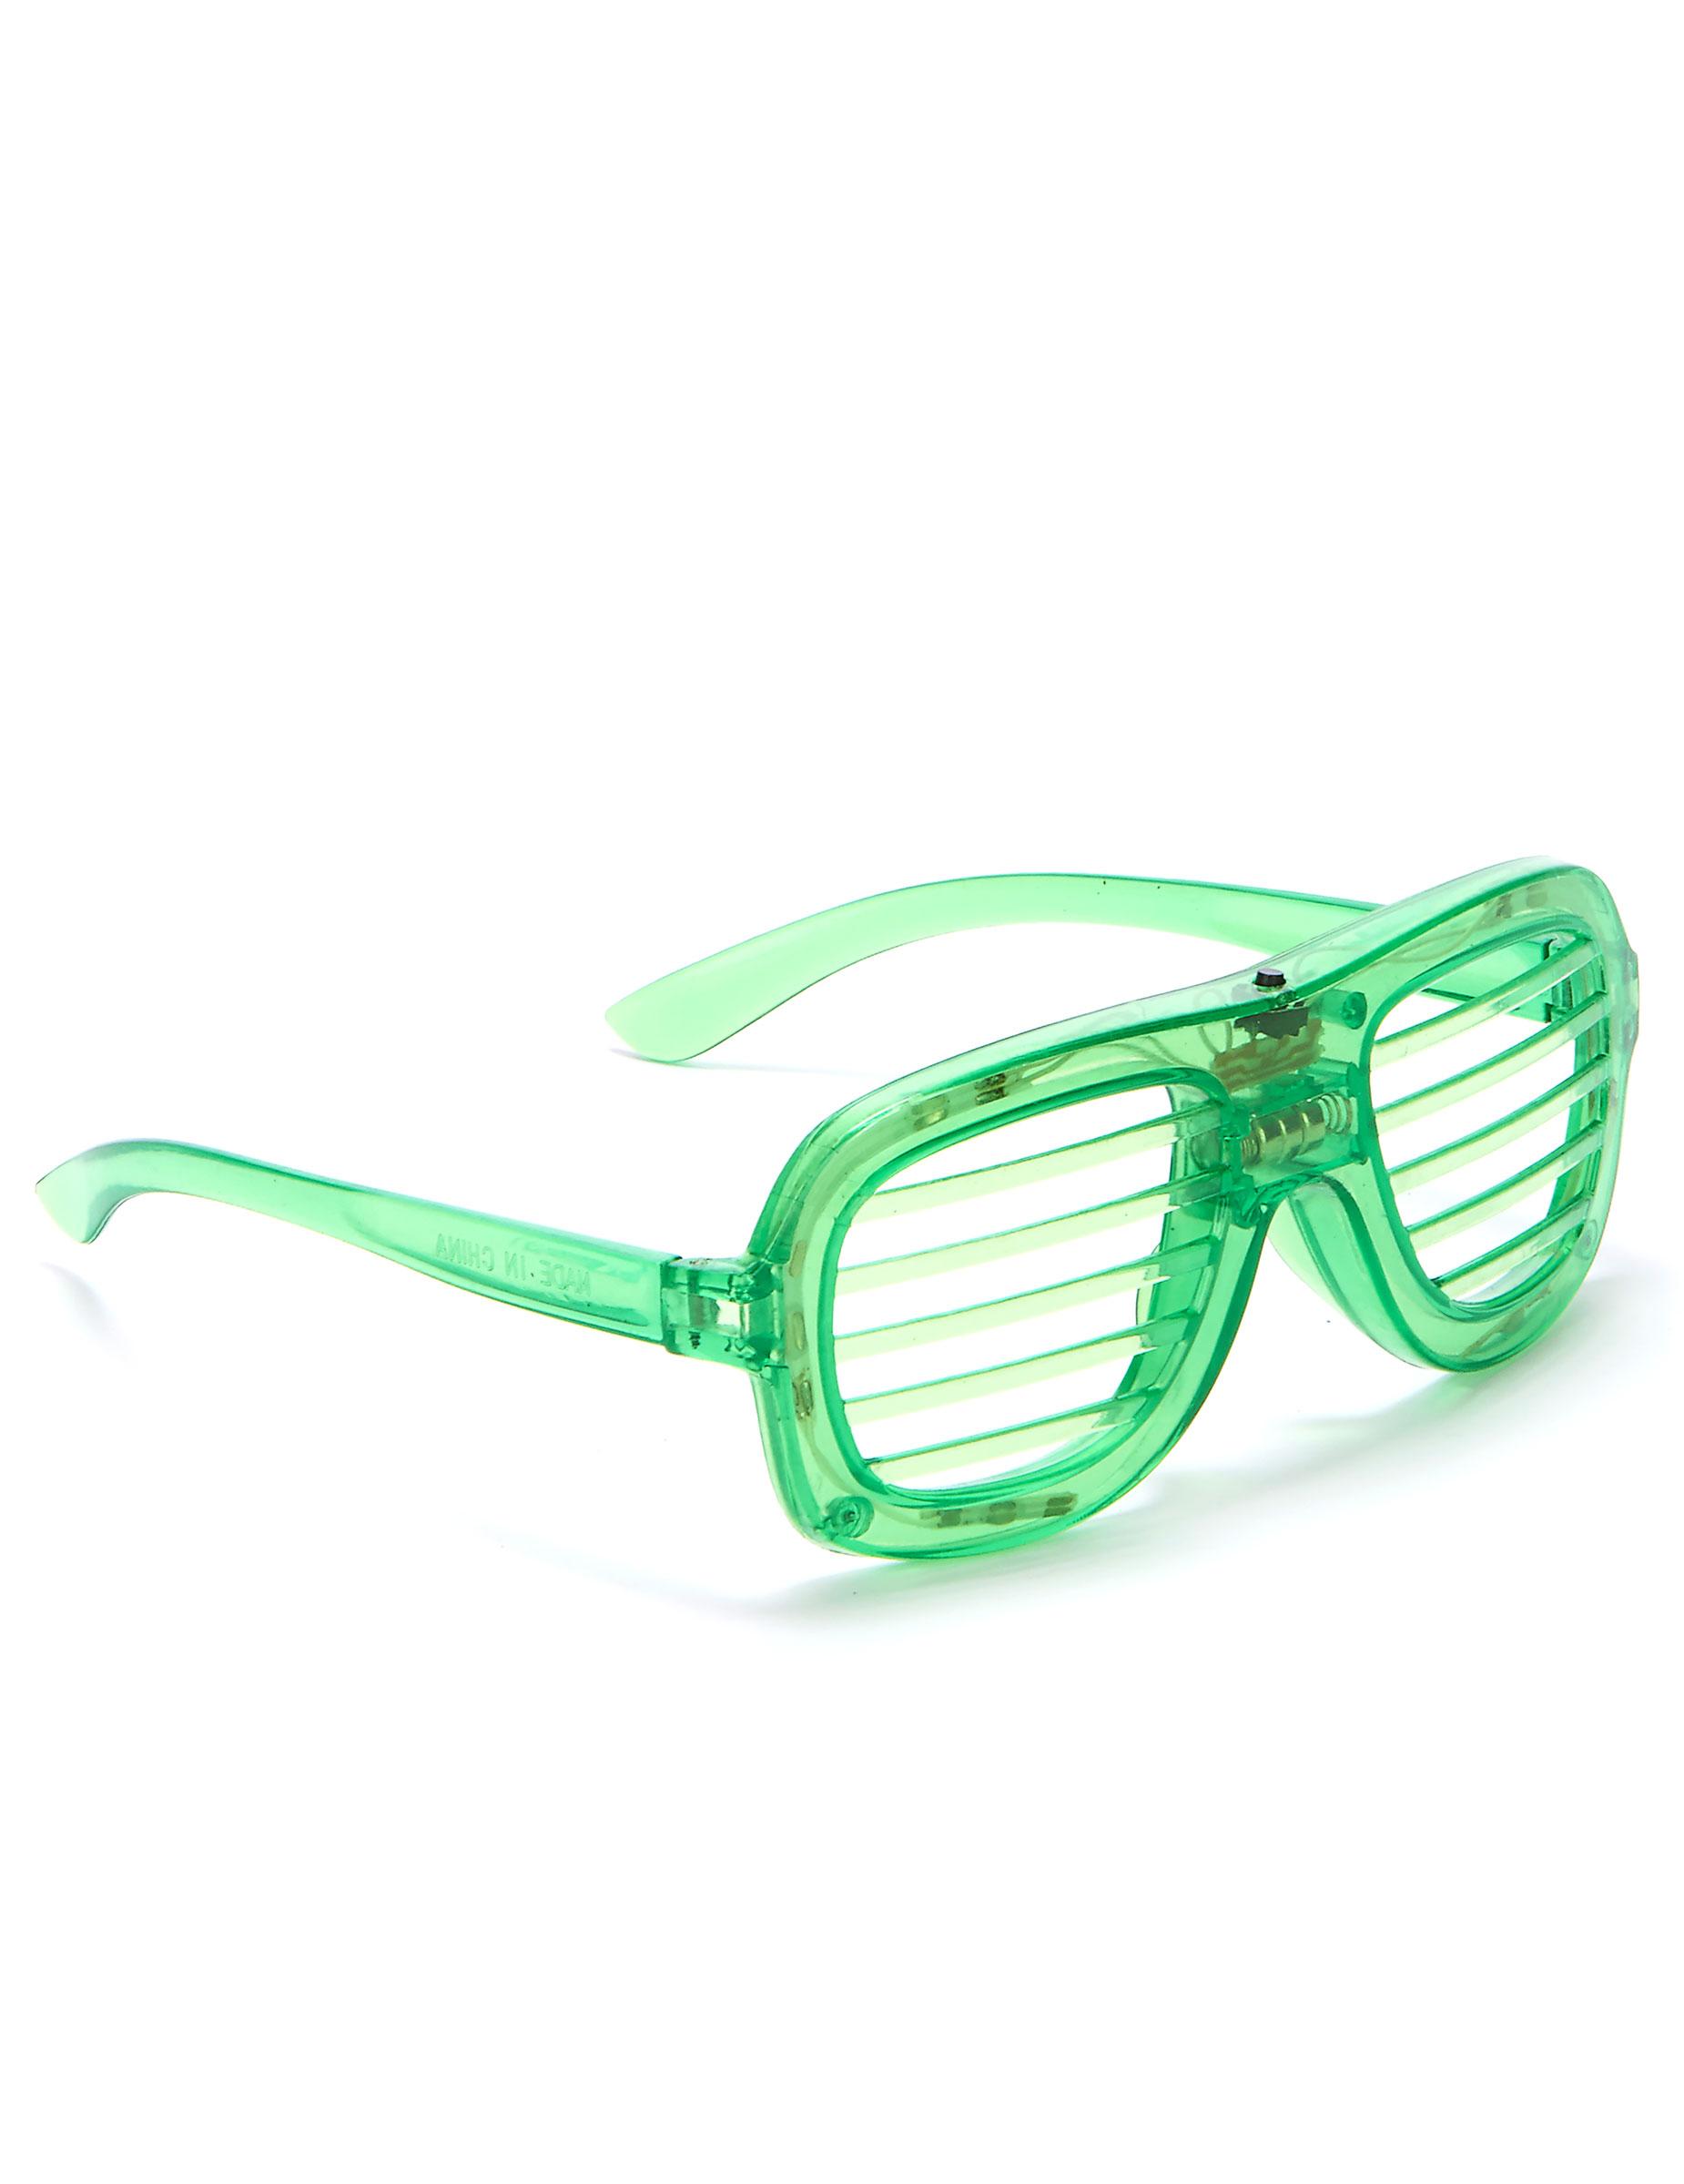 Lunettes verte LED   Deguise-toi, achat de Accessoires 206489cda109